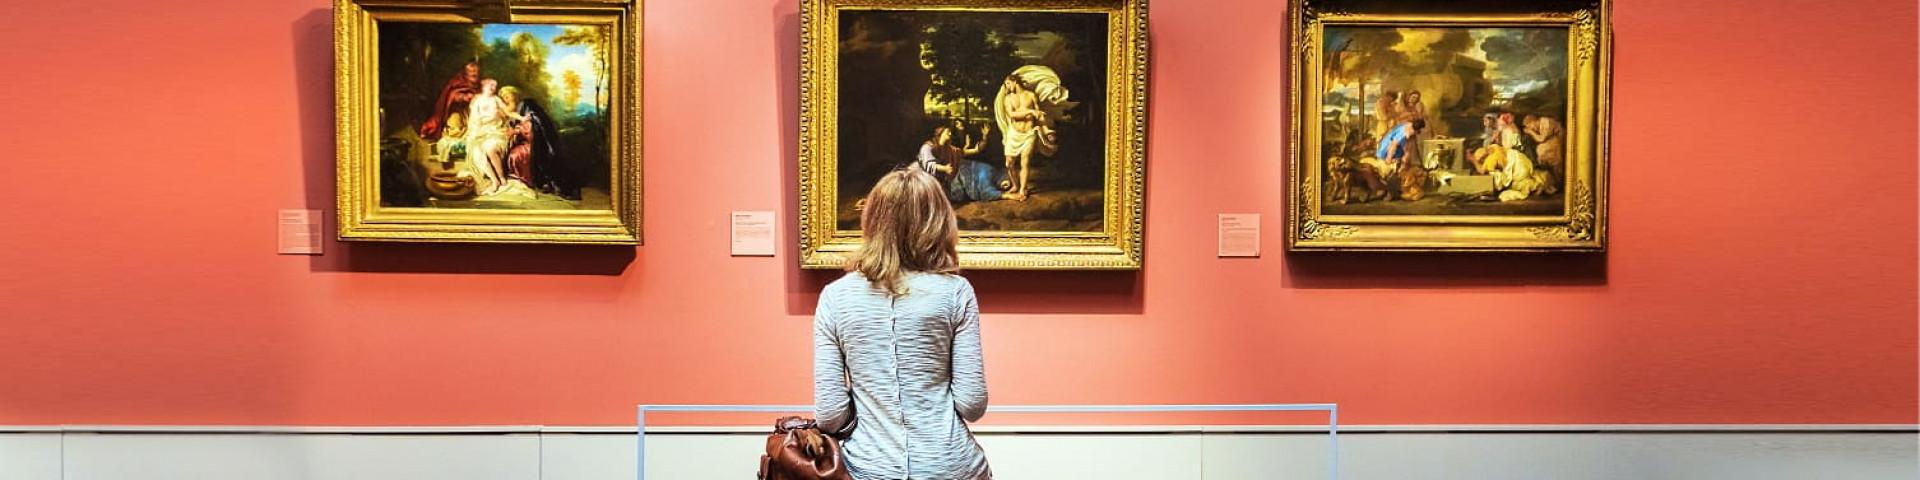 Величие в каждом мазке кисти: рейтинг самых красивых картин в мире